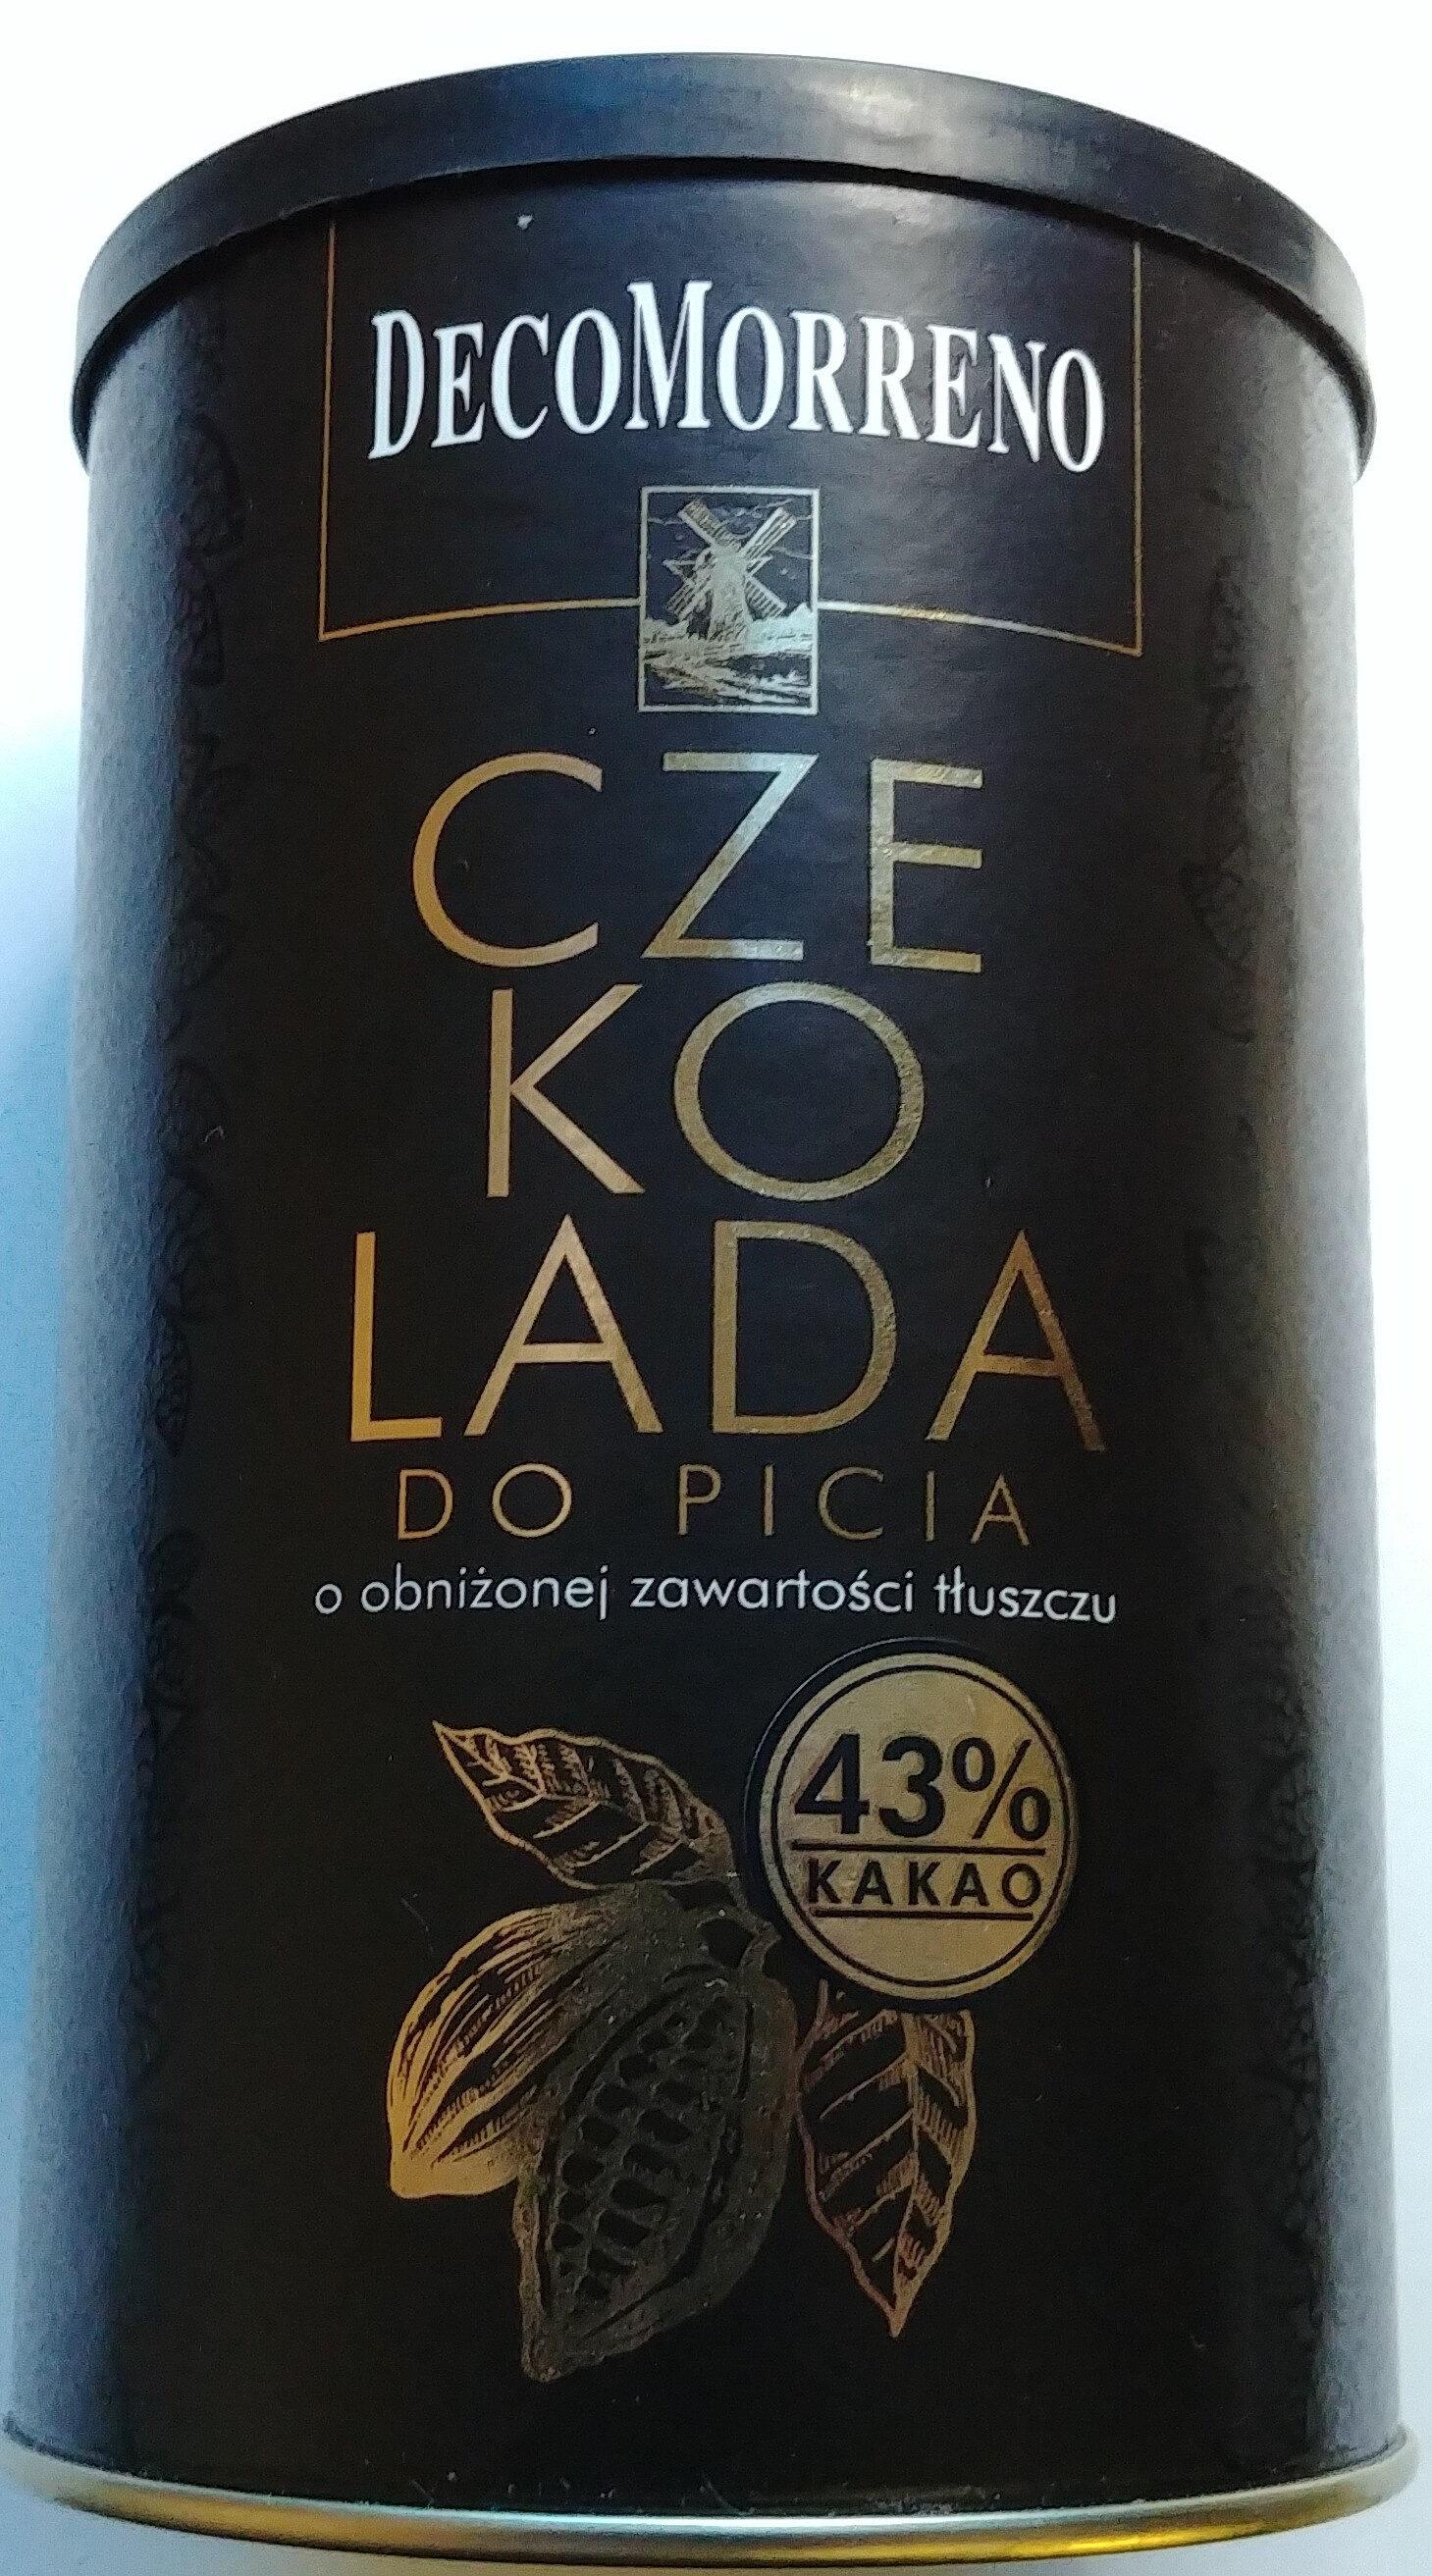 Czekolada do picia o obniżonej zawartości tłuszczu - Product - pl